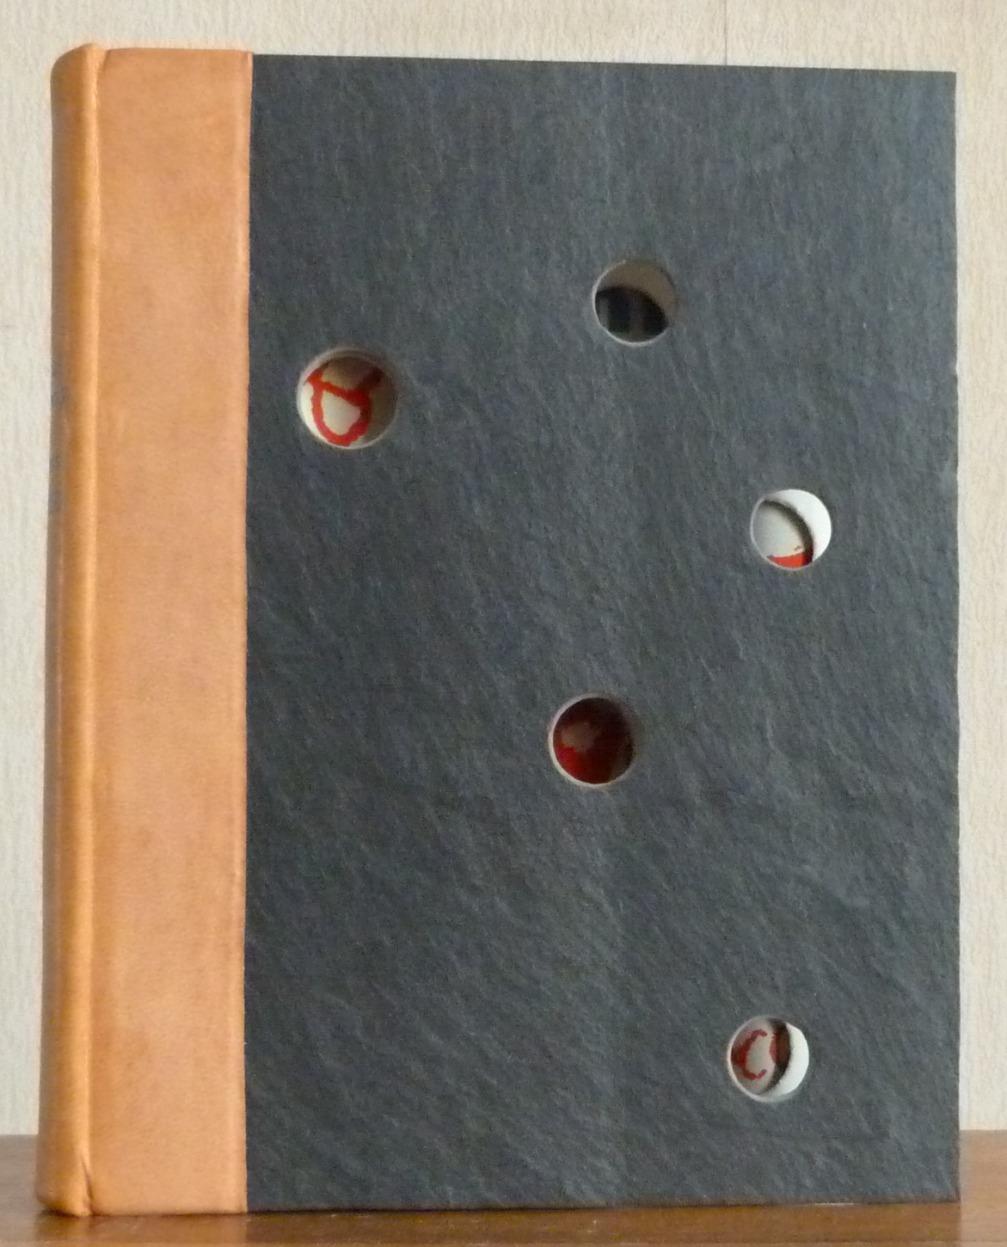 Reliure demi-cuir beige avec plats en ardoise percés de trous - Vue de face de la reliure